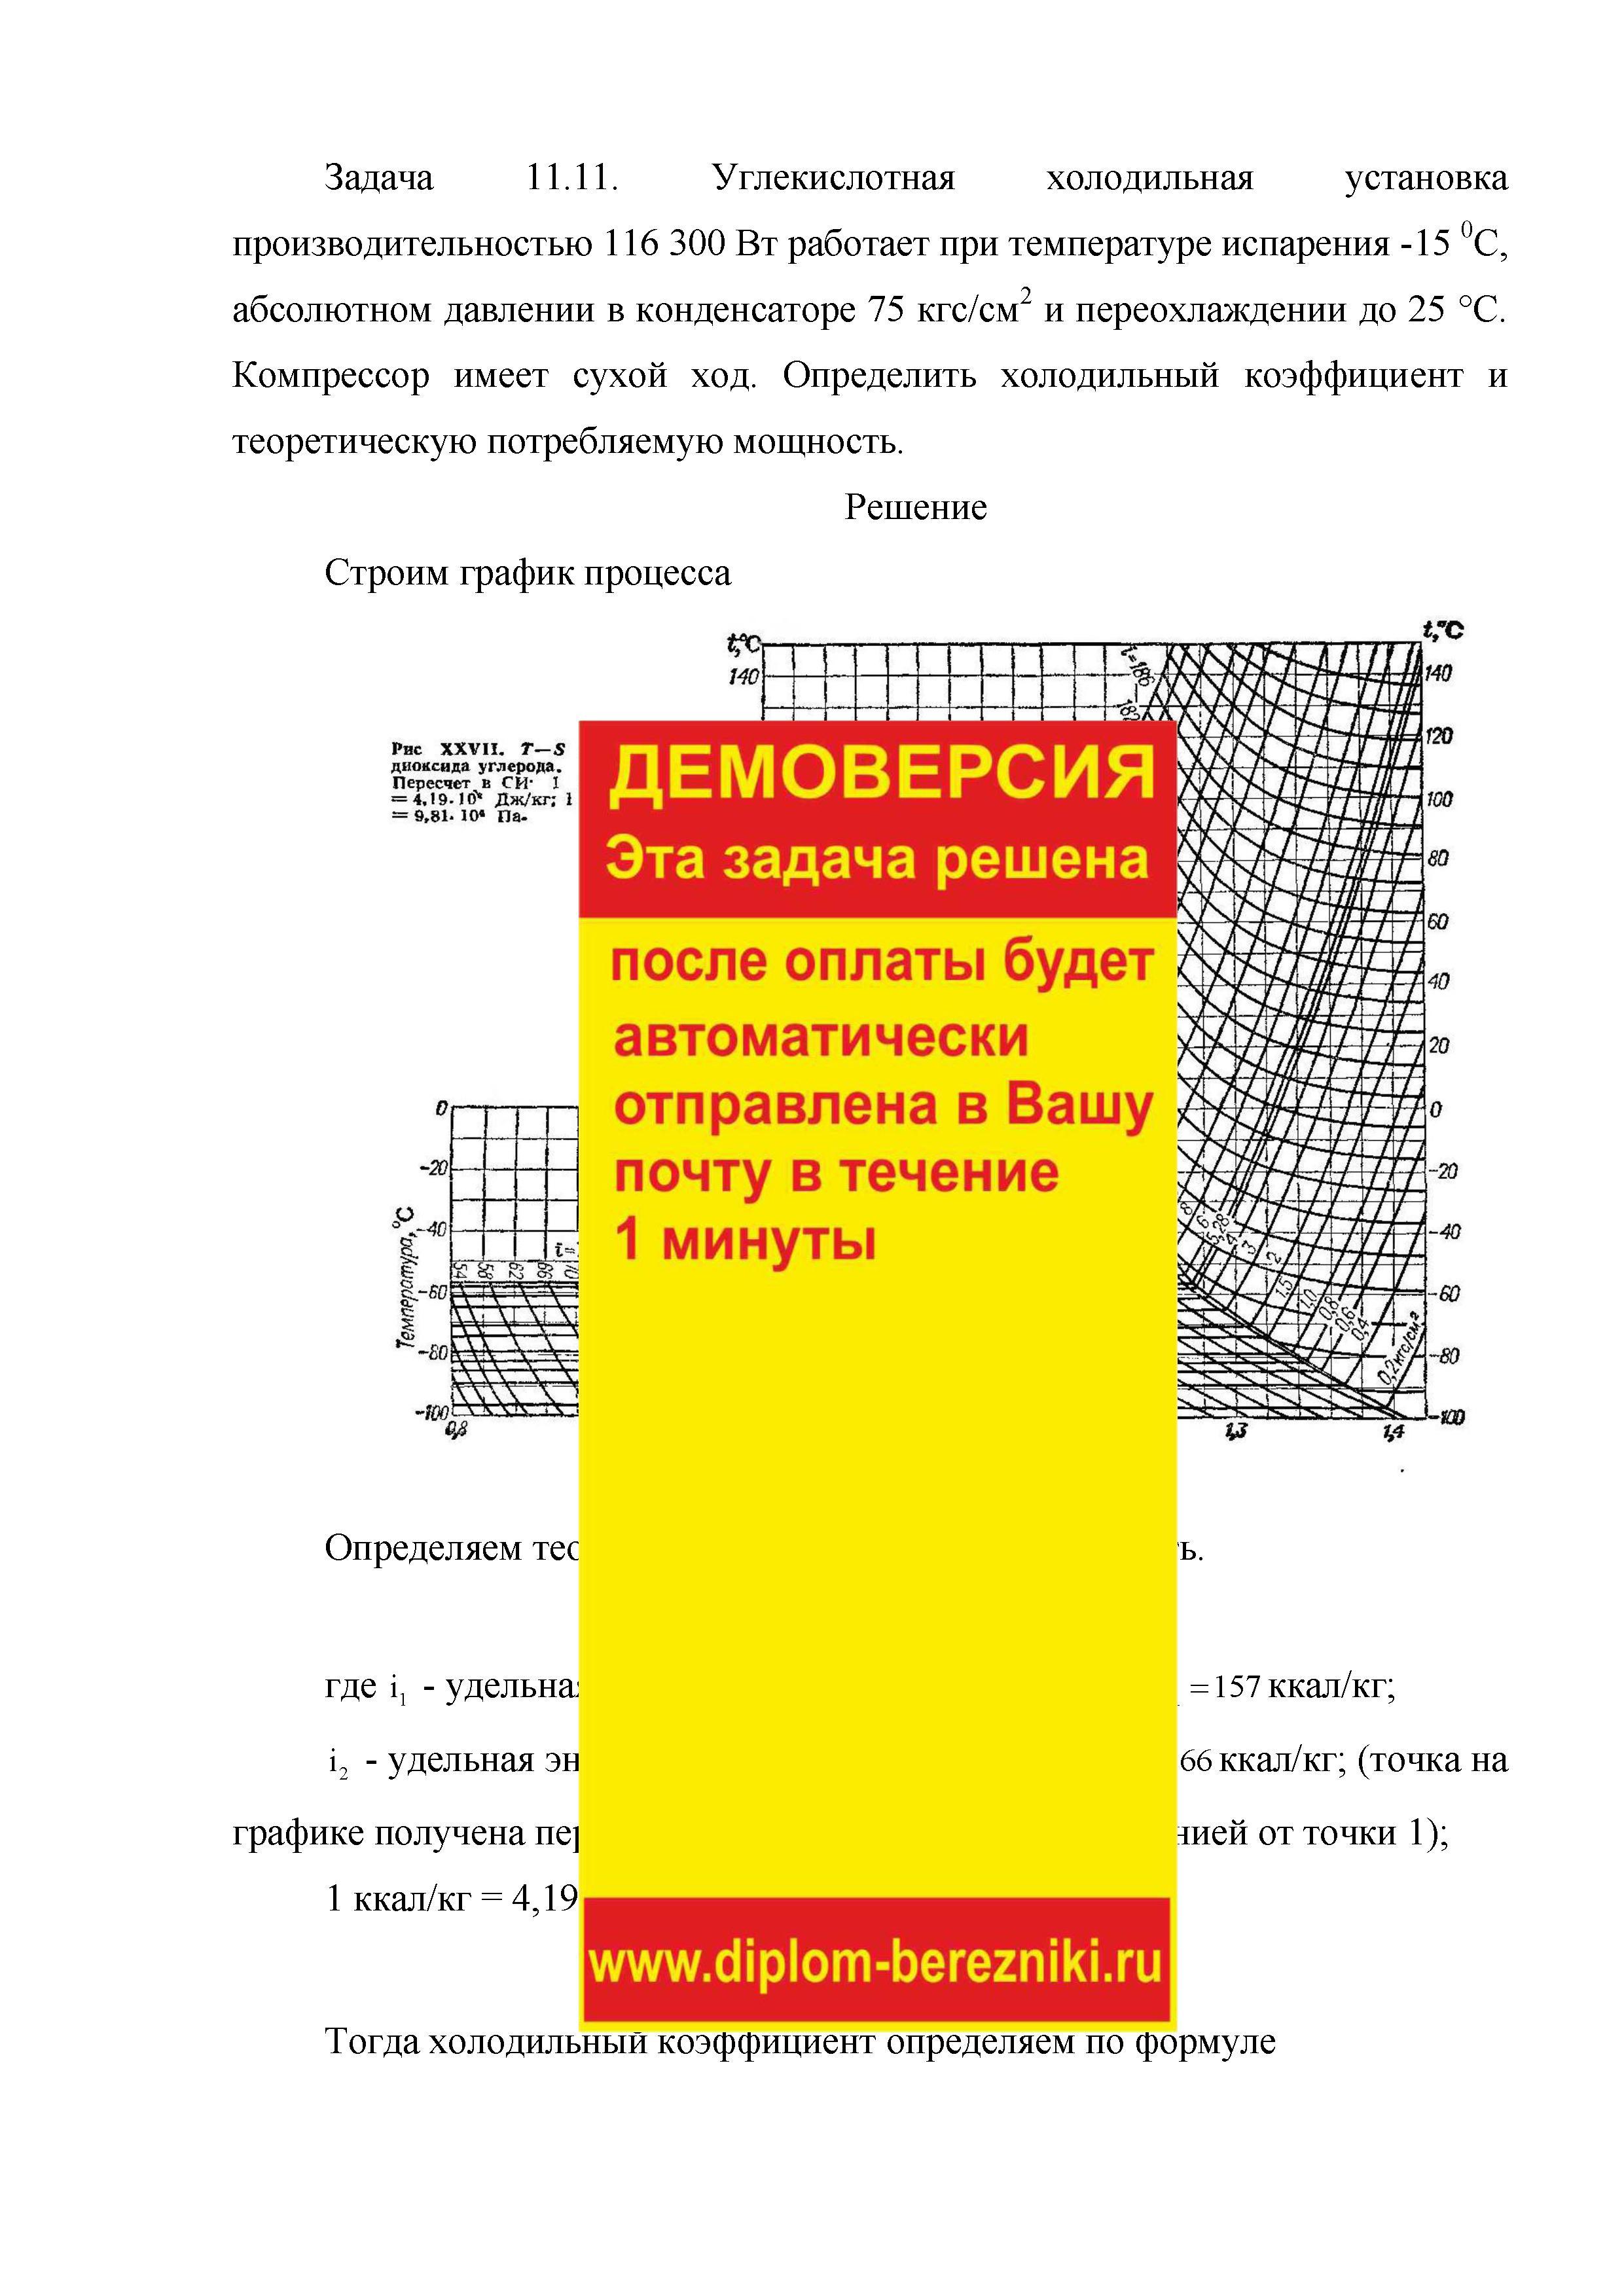 Решение задачи 11.11  по ПАХТ из задачника Павлова Романкова Носкова